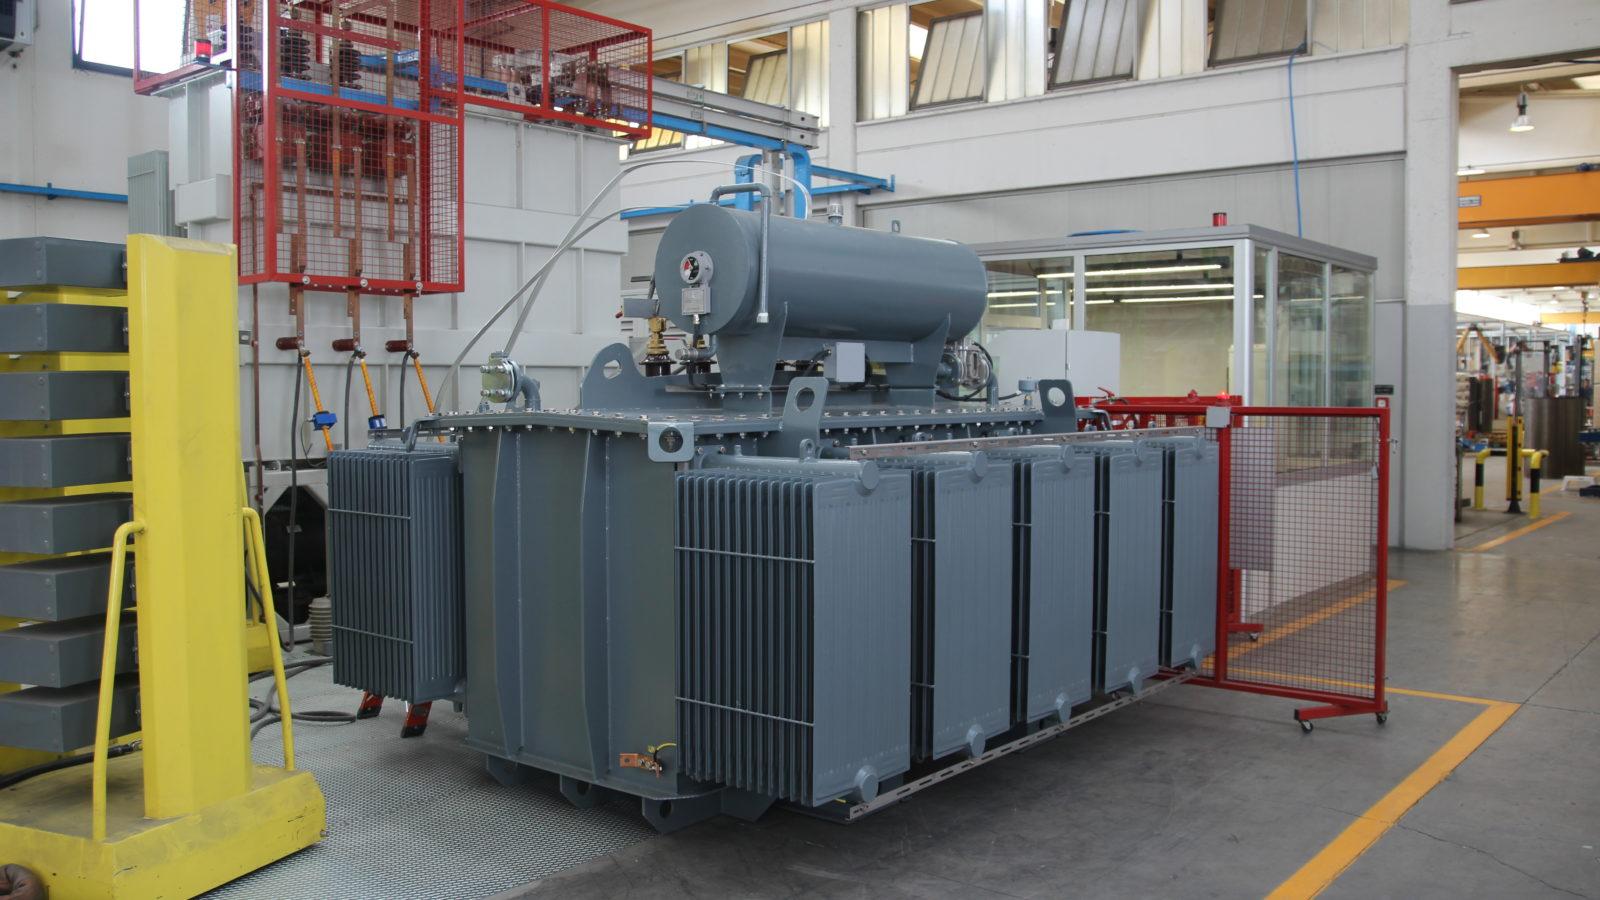 4800 kVAR Limiting reactor